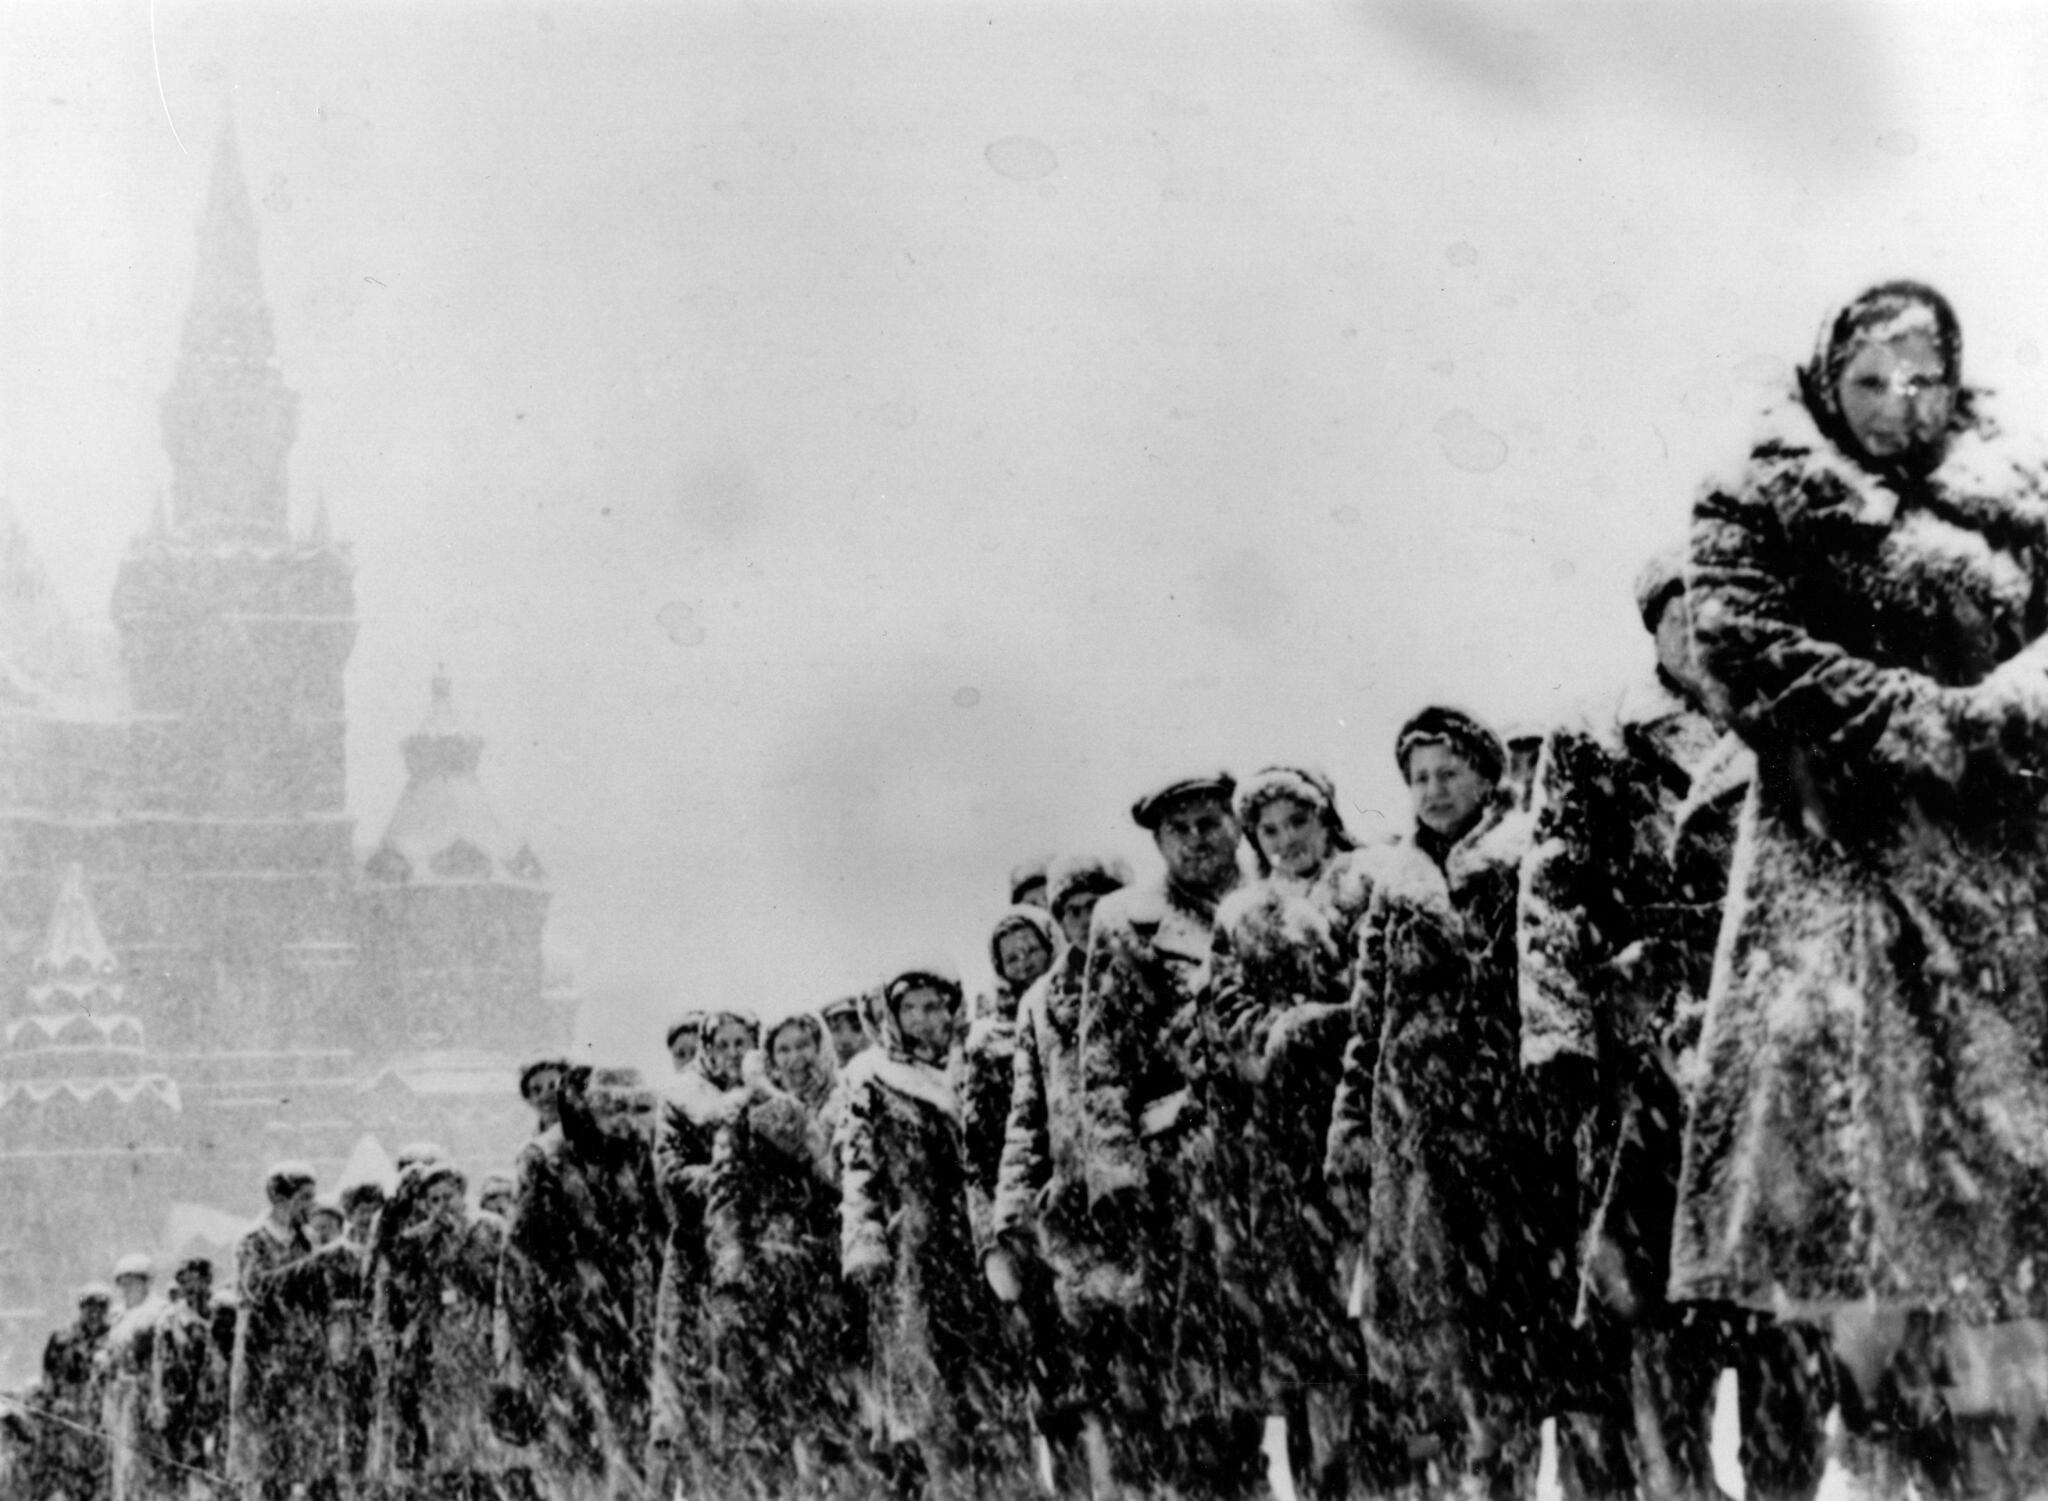 1959. Толпы людей выстраиваются в снег и мороз на Красной площади, чтобы посетить Мавзолей Ленина